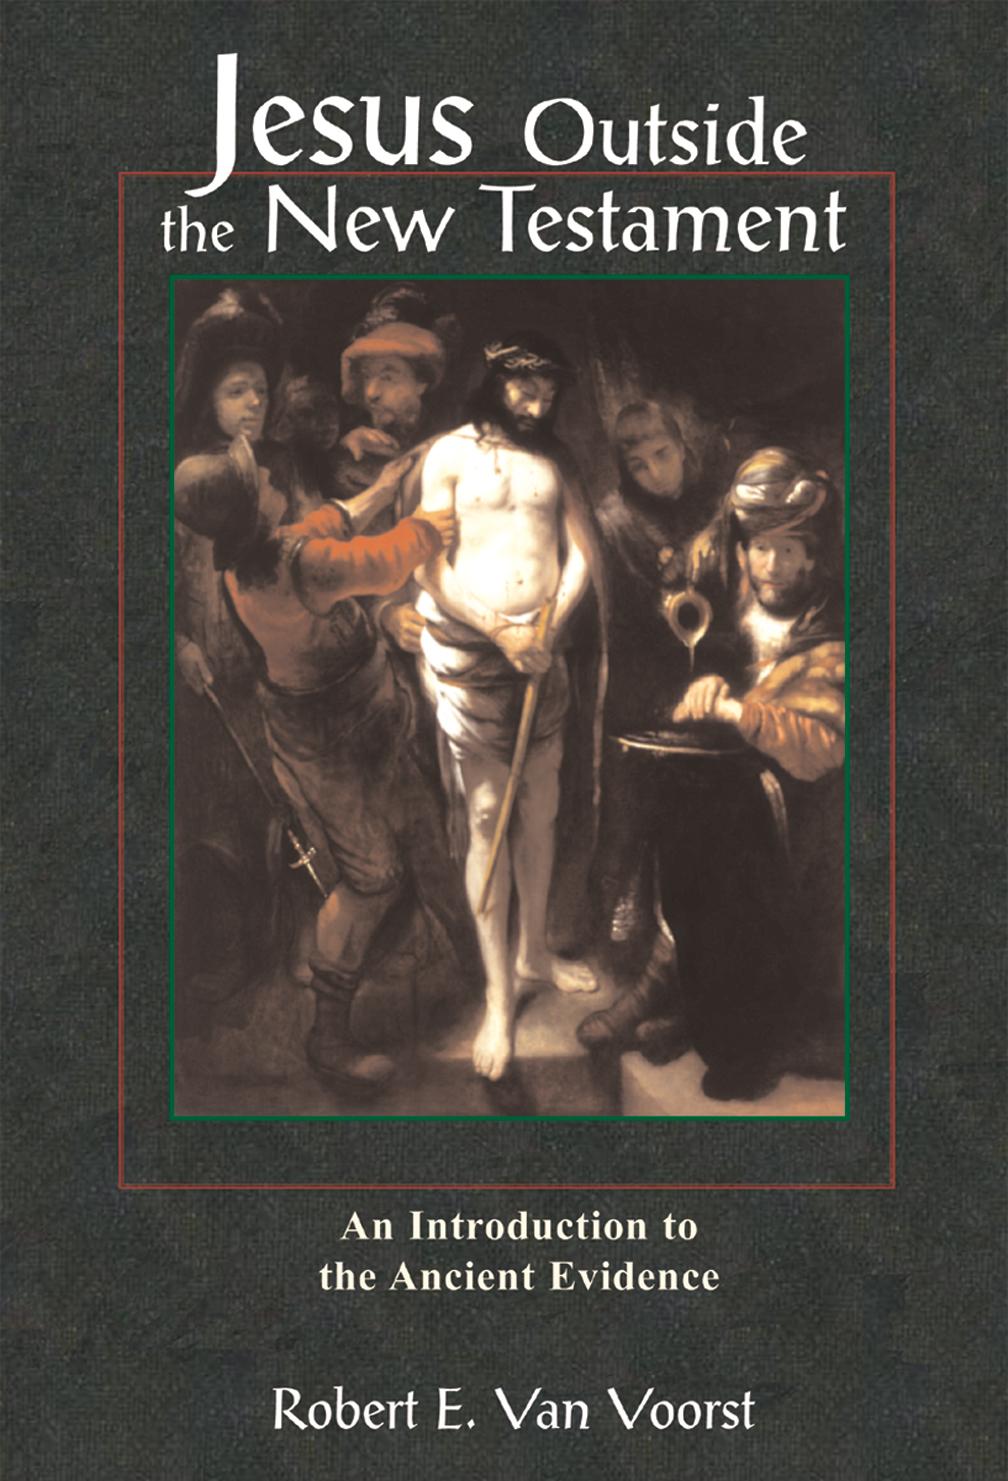 New Testament - Wikipedia